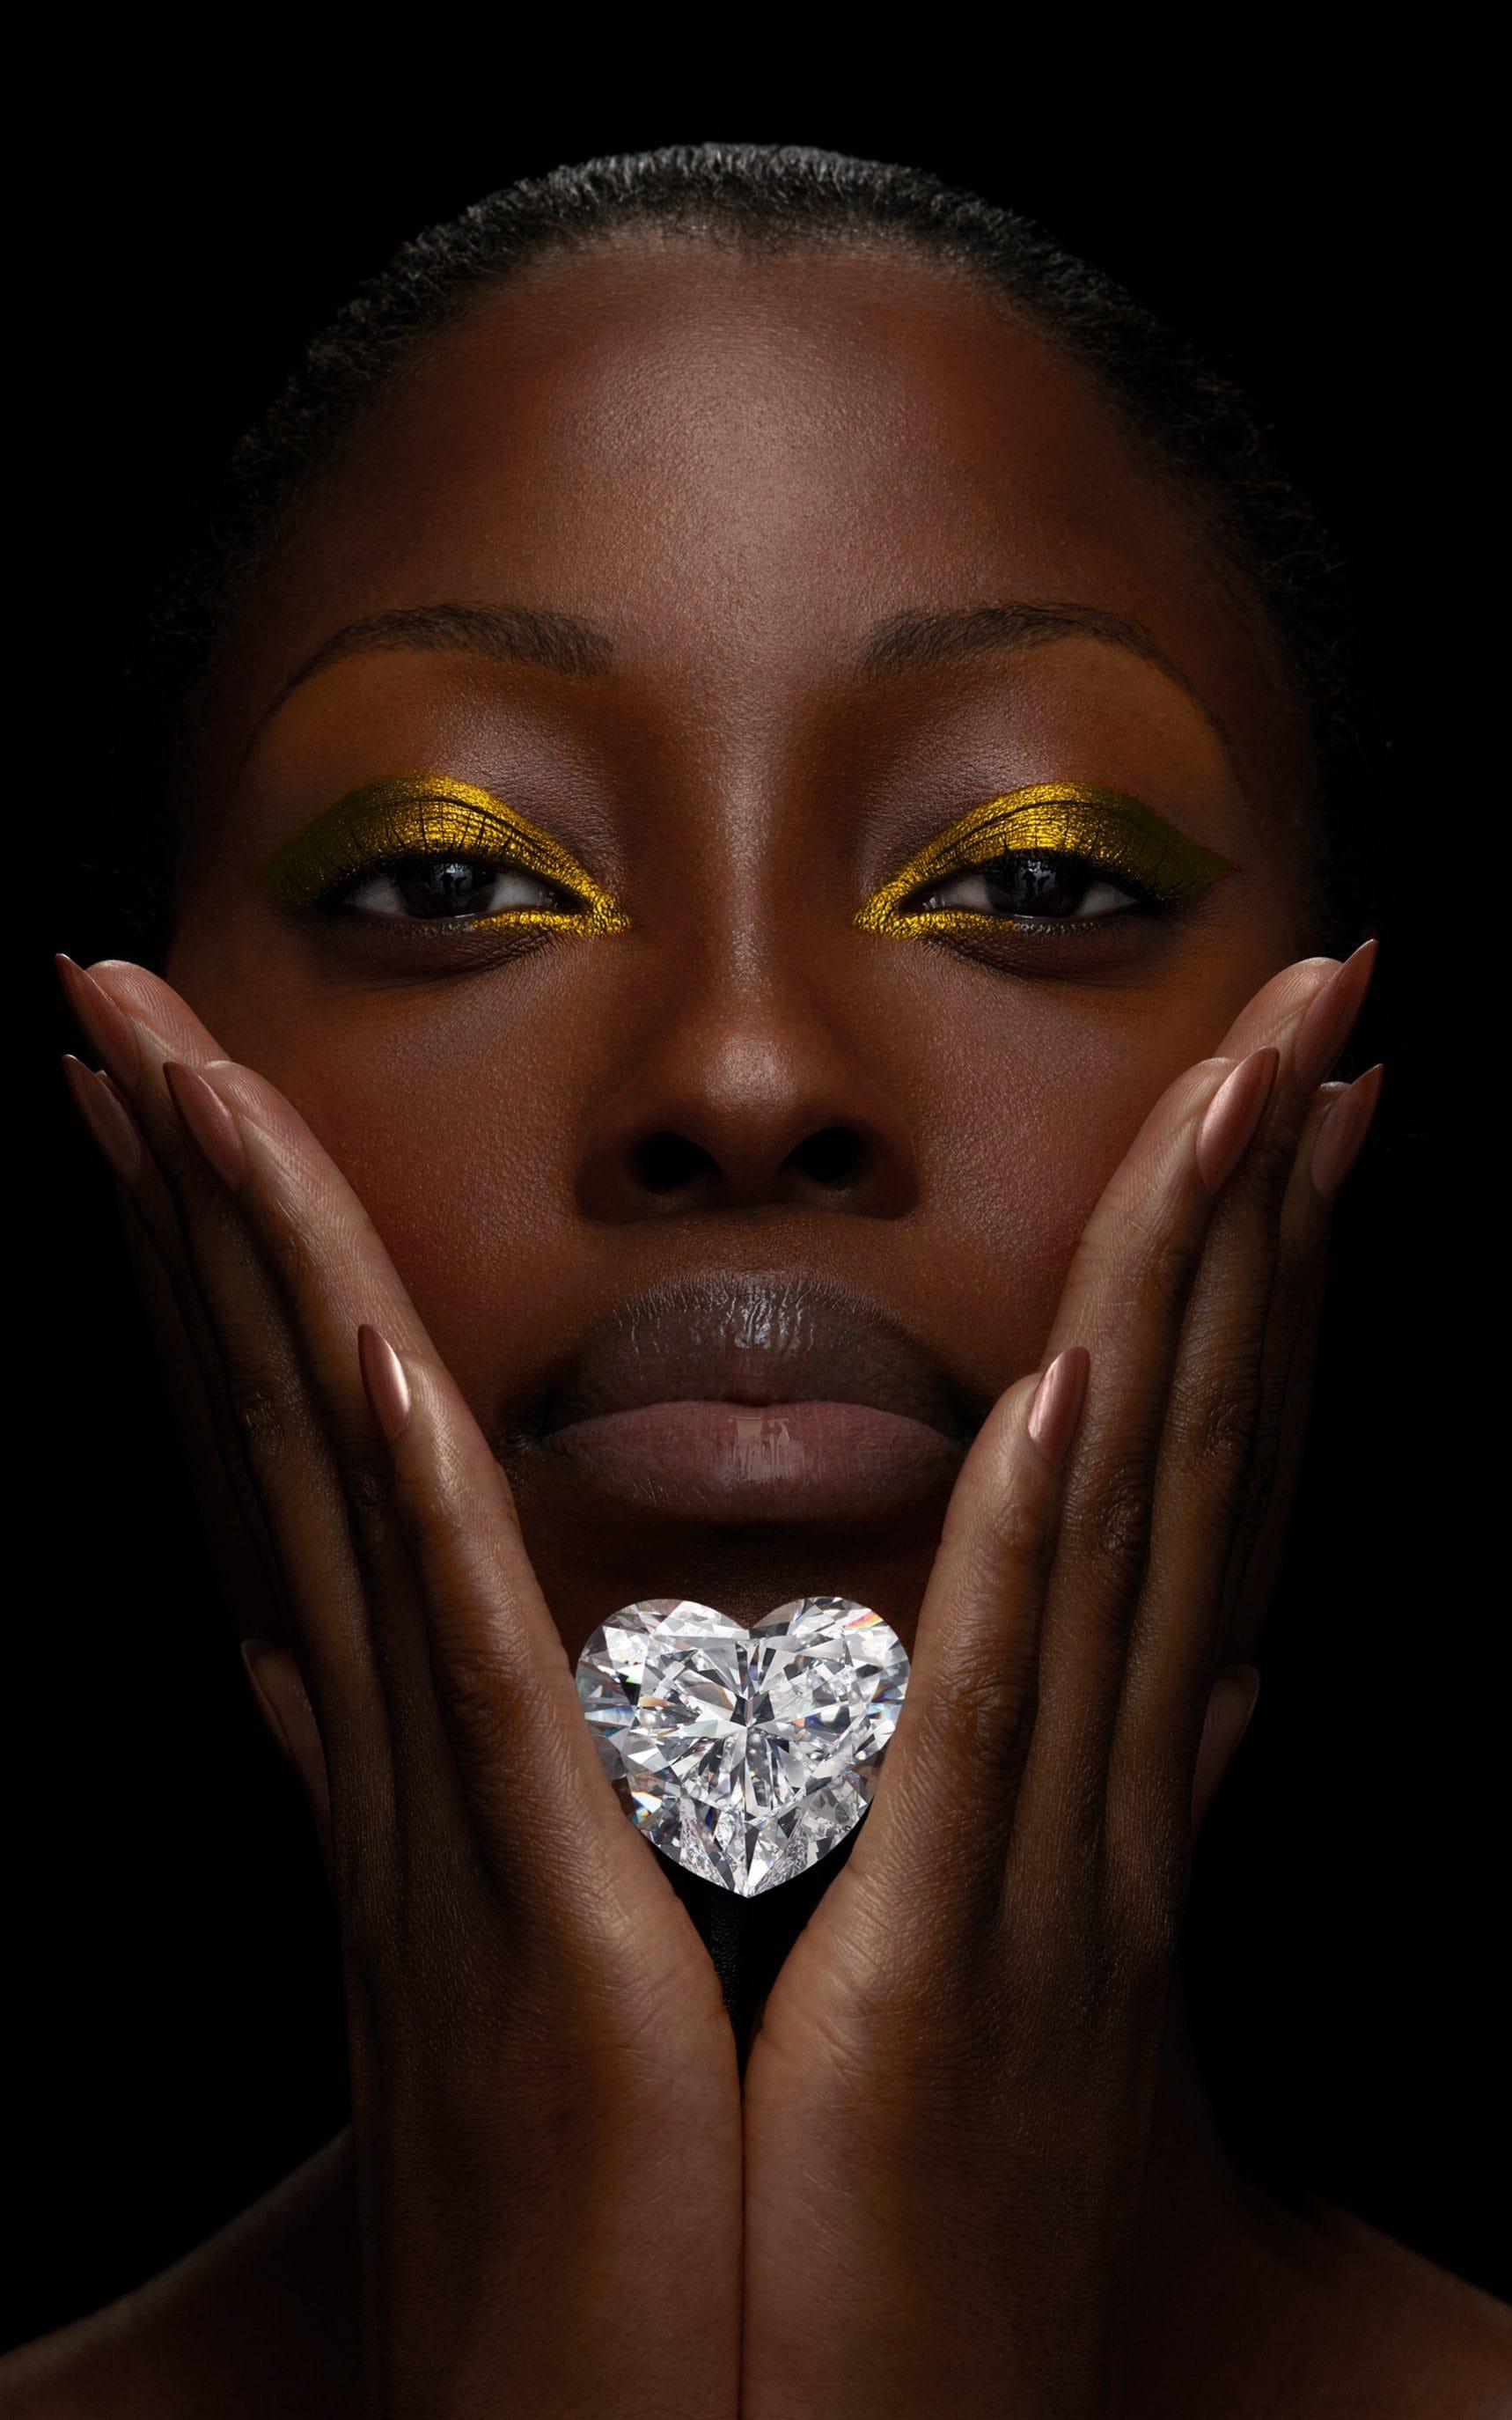 Ювелирная марка Graff представляет «Венеру», самый большой в мире бриллиант в форме сердца безупречного качества